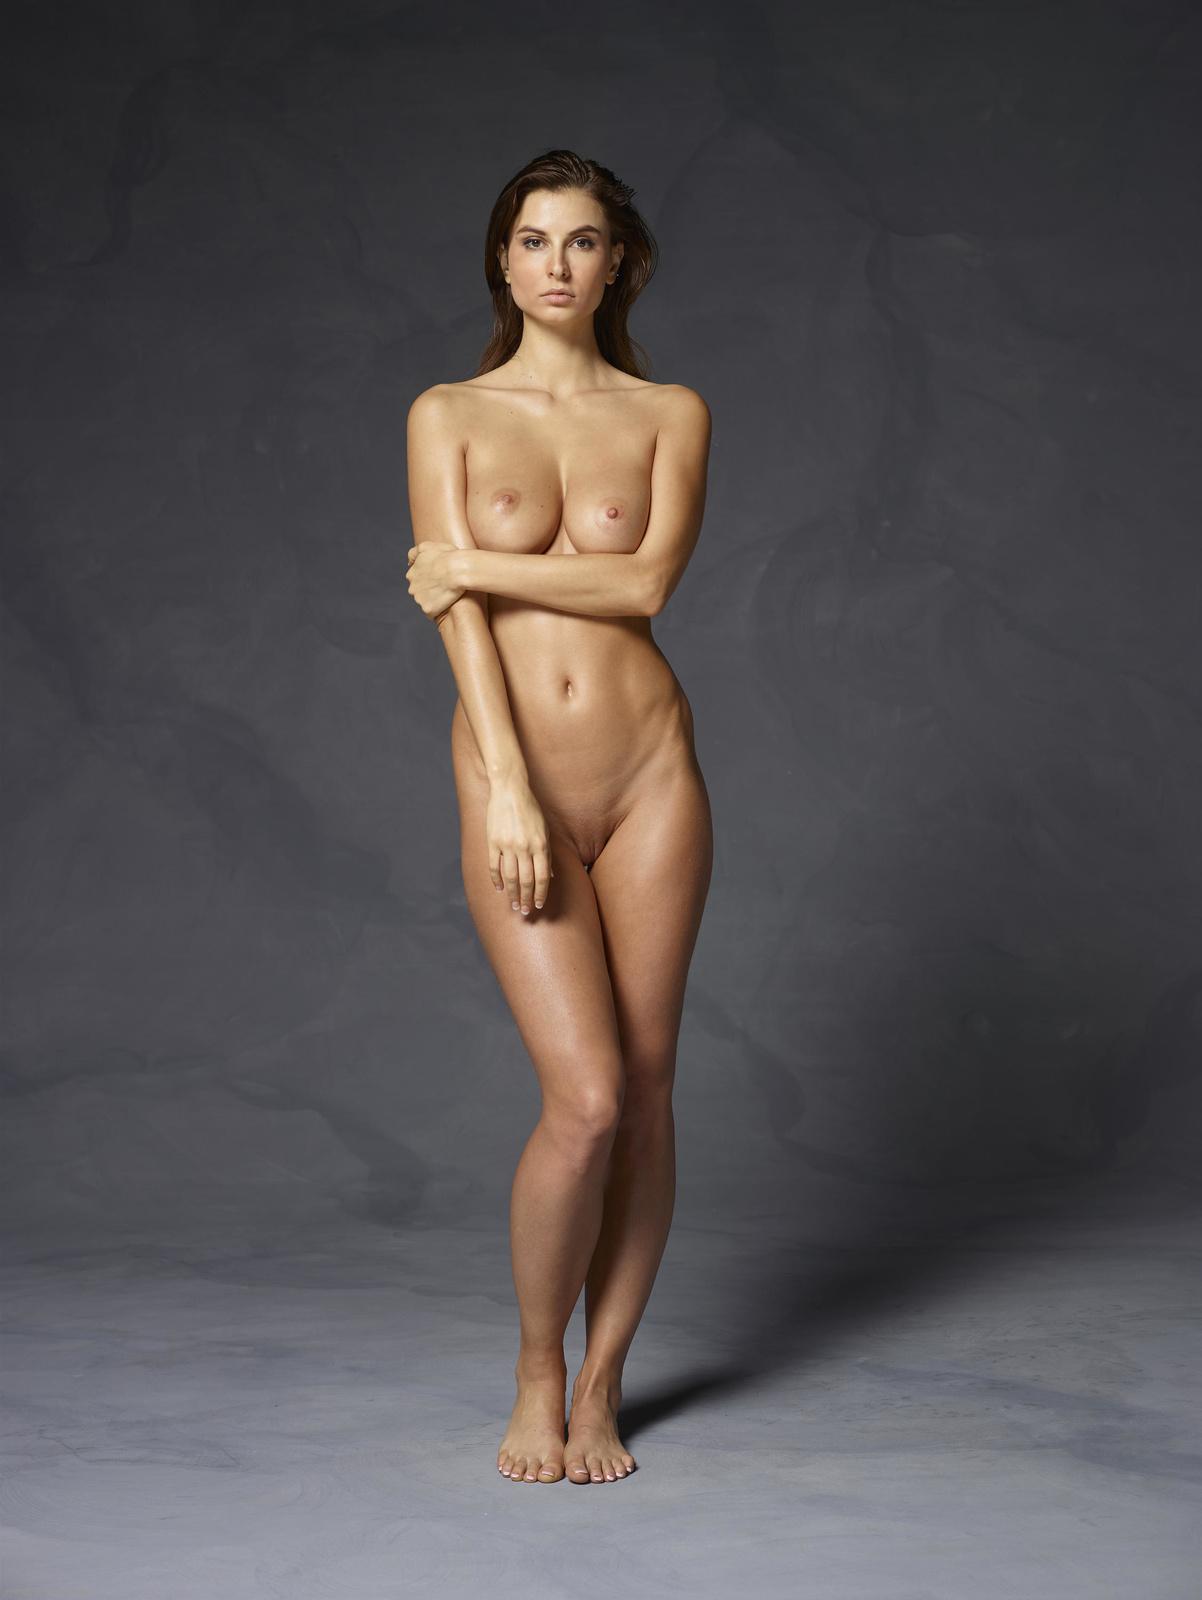 Zdjęcie porno - 0321 - Jędrne ciałko super babki